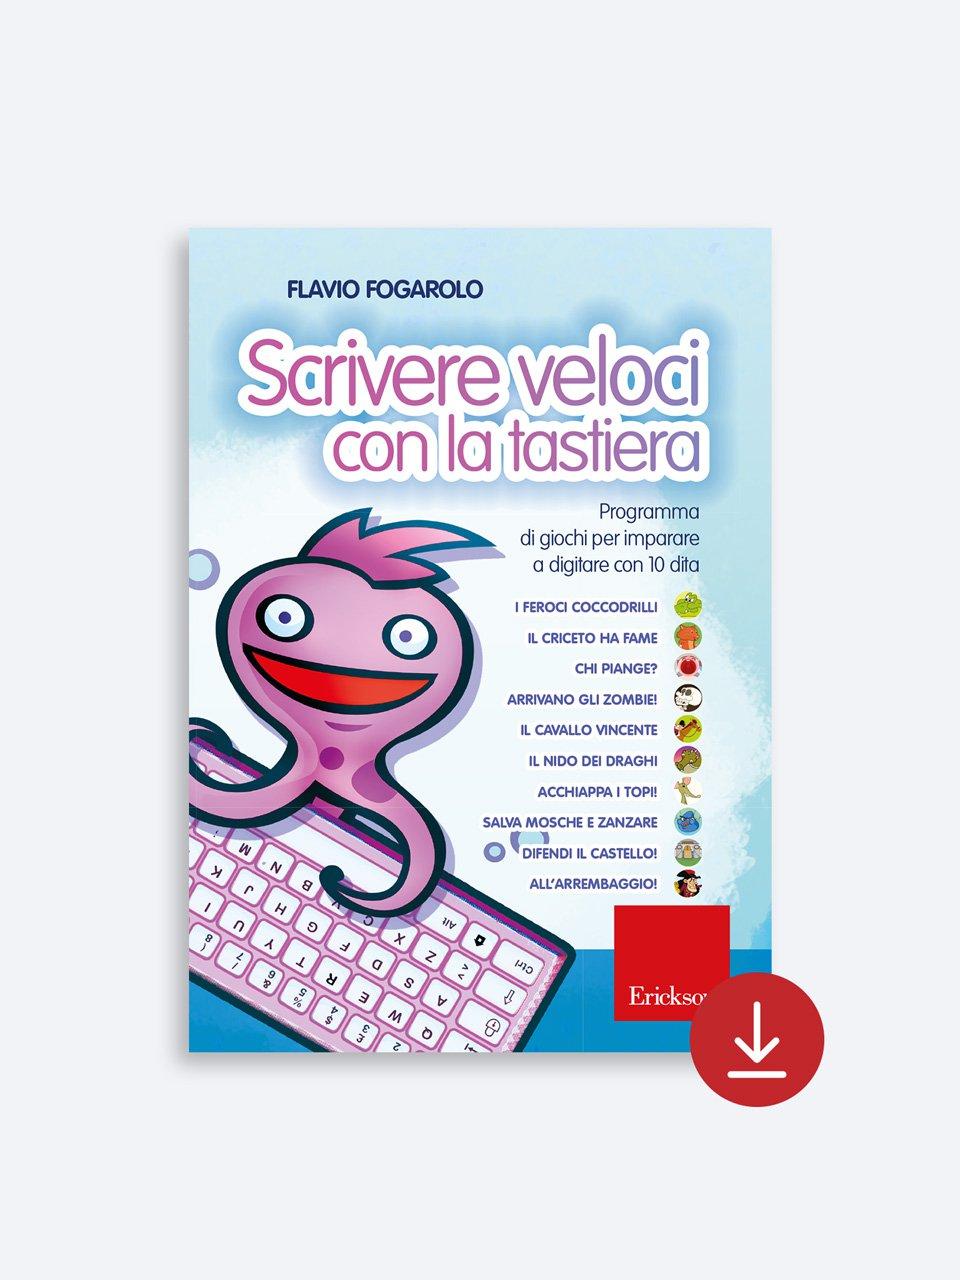 Scrivere veloci con la tastiera - Educazione per la vita e inclusione digitale - Libri - Erickson 2